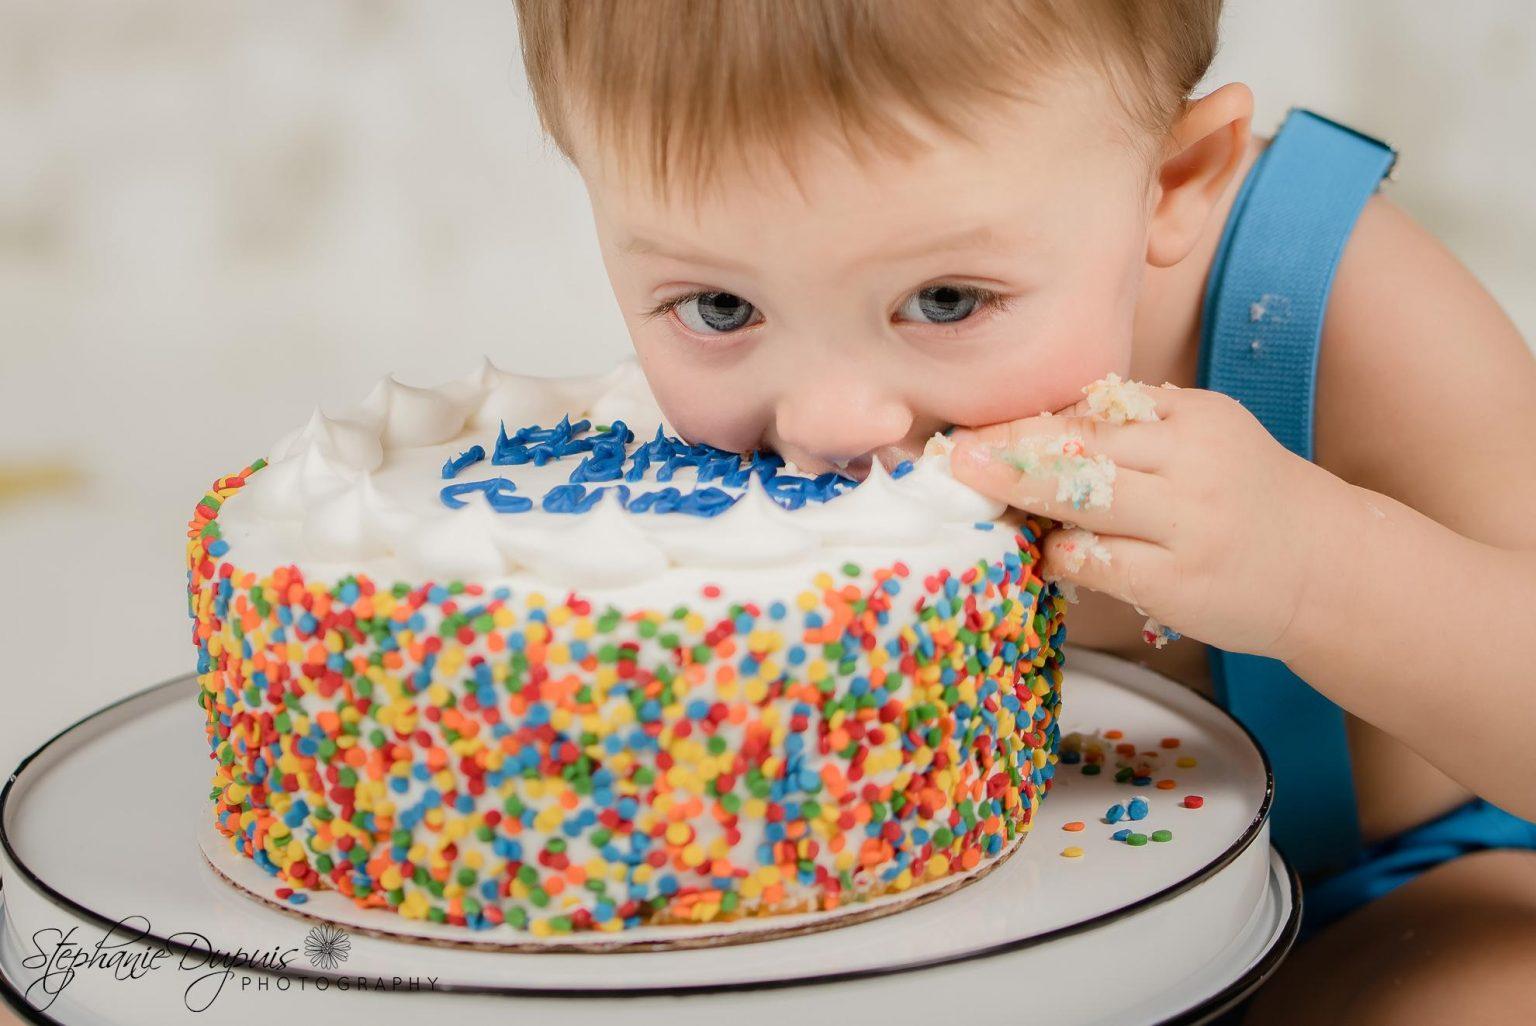 Bisson cake smash 8 1536x1026 - Portfolio: Gannon Cake Smash